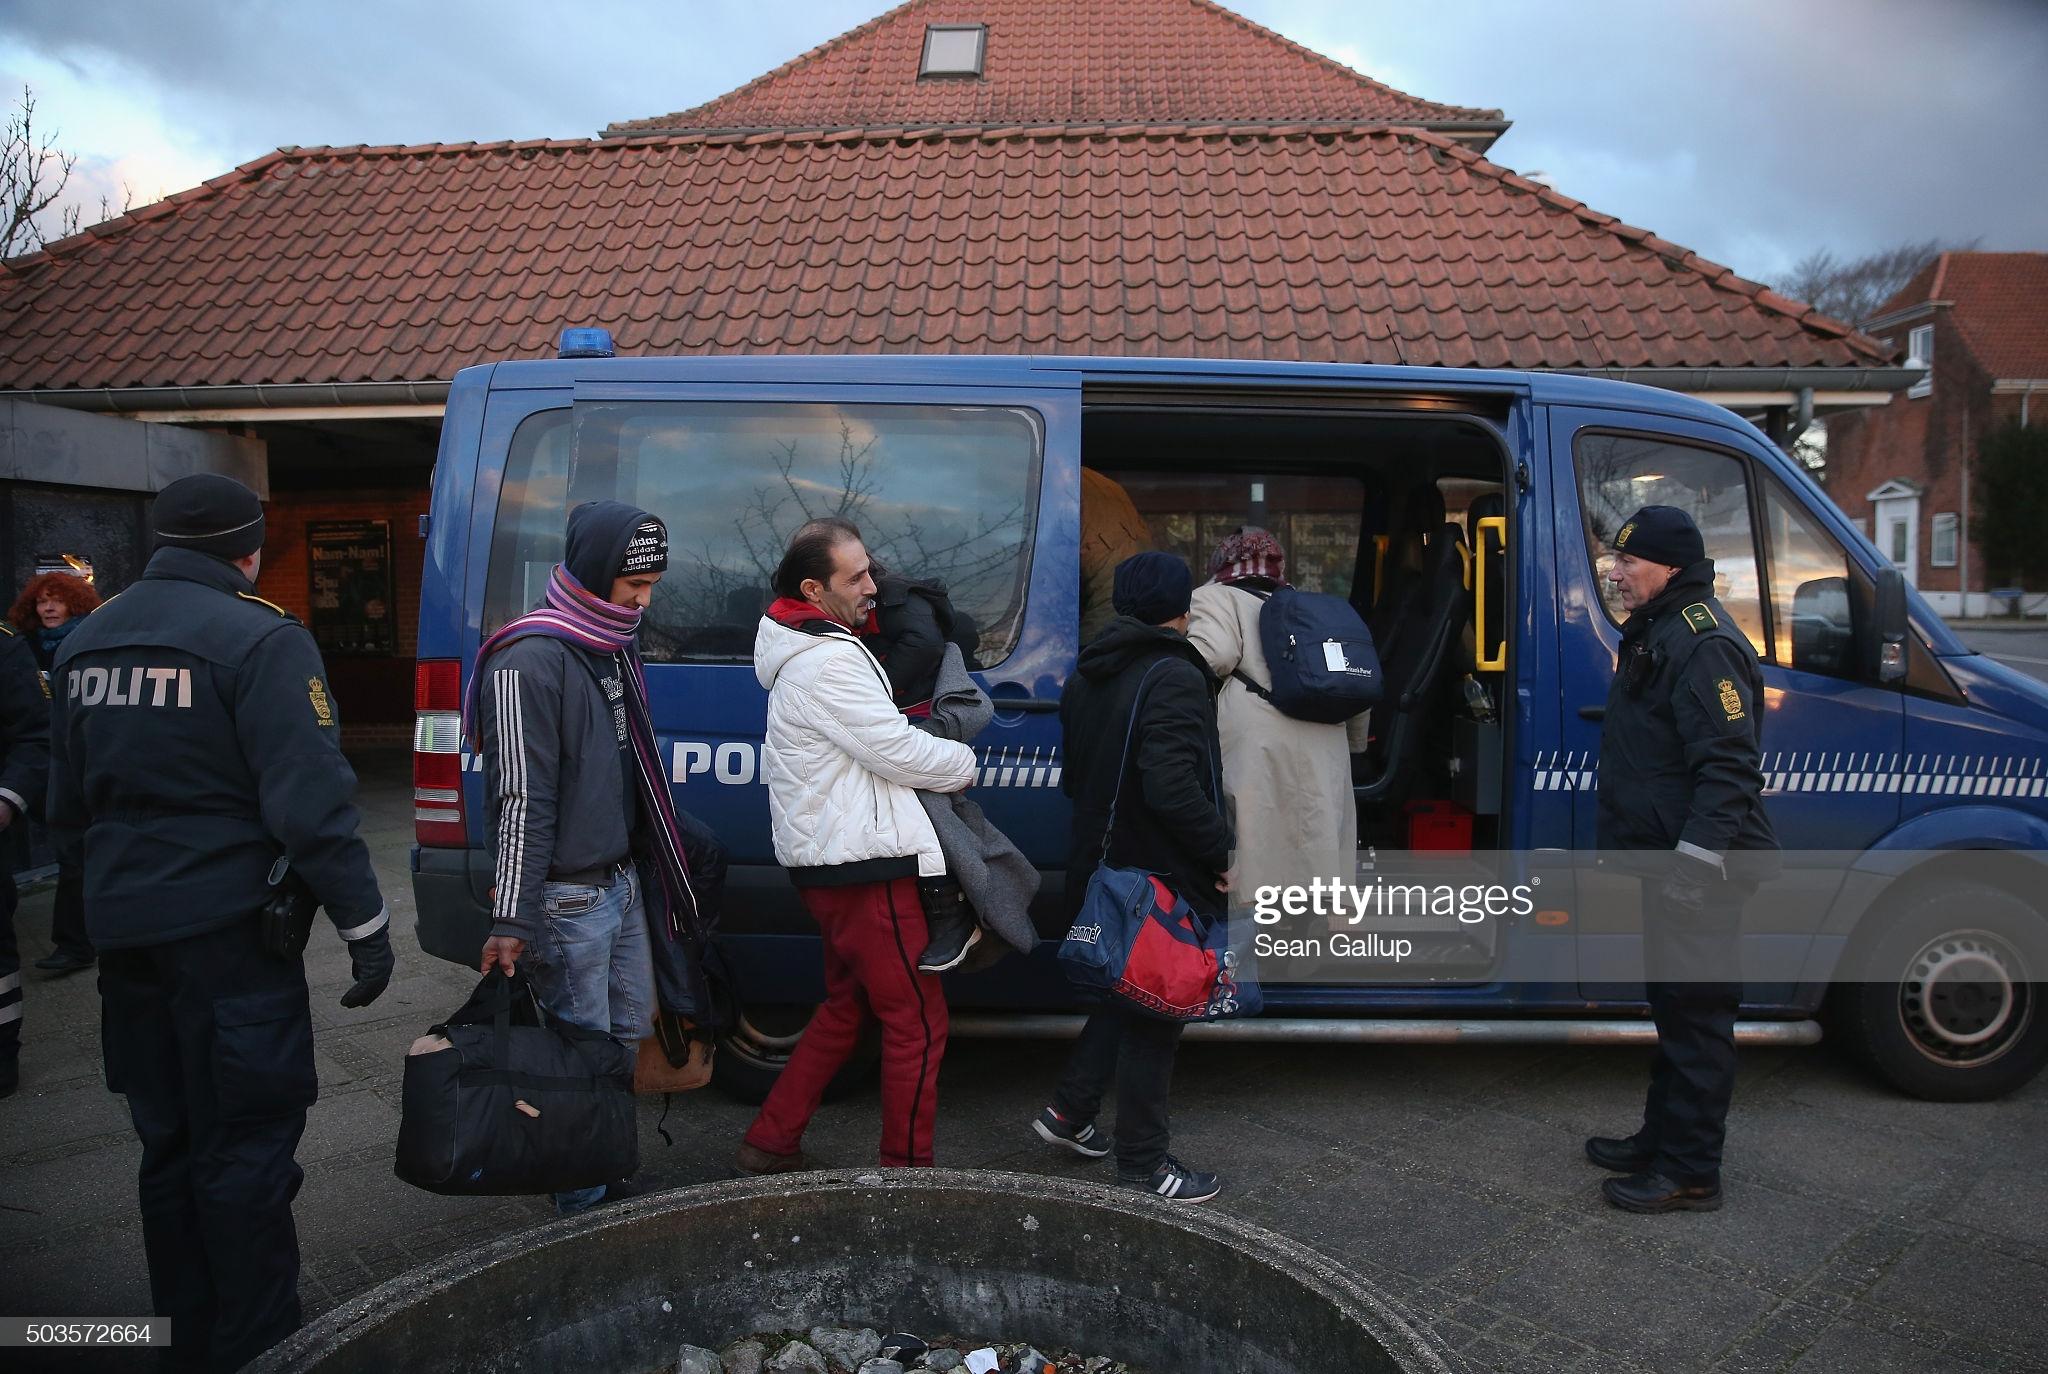 الدنمارك أول دولة تبدأ بإعادة اللاجئين السوريين gettyimages 503572664 2048x2048 1